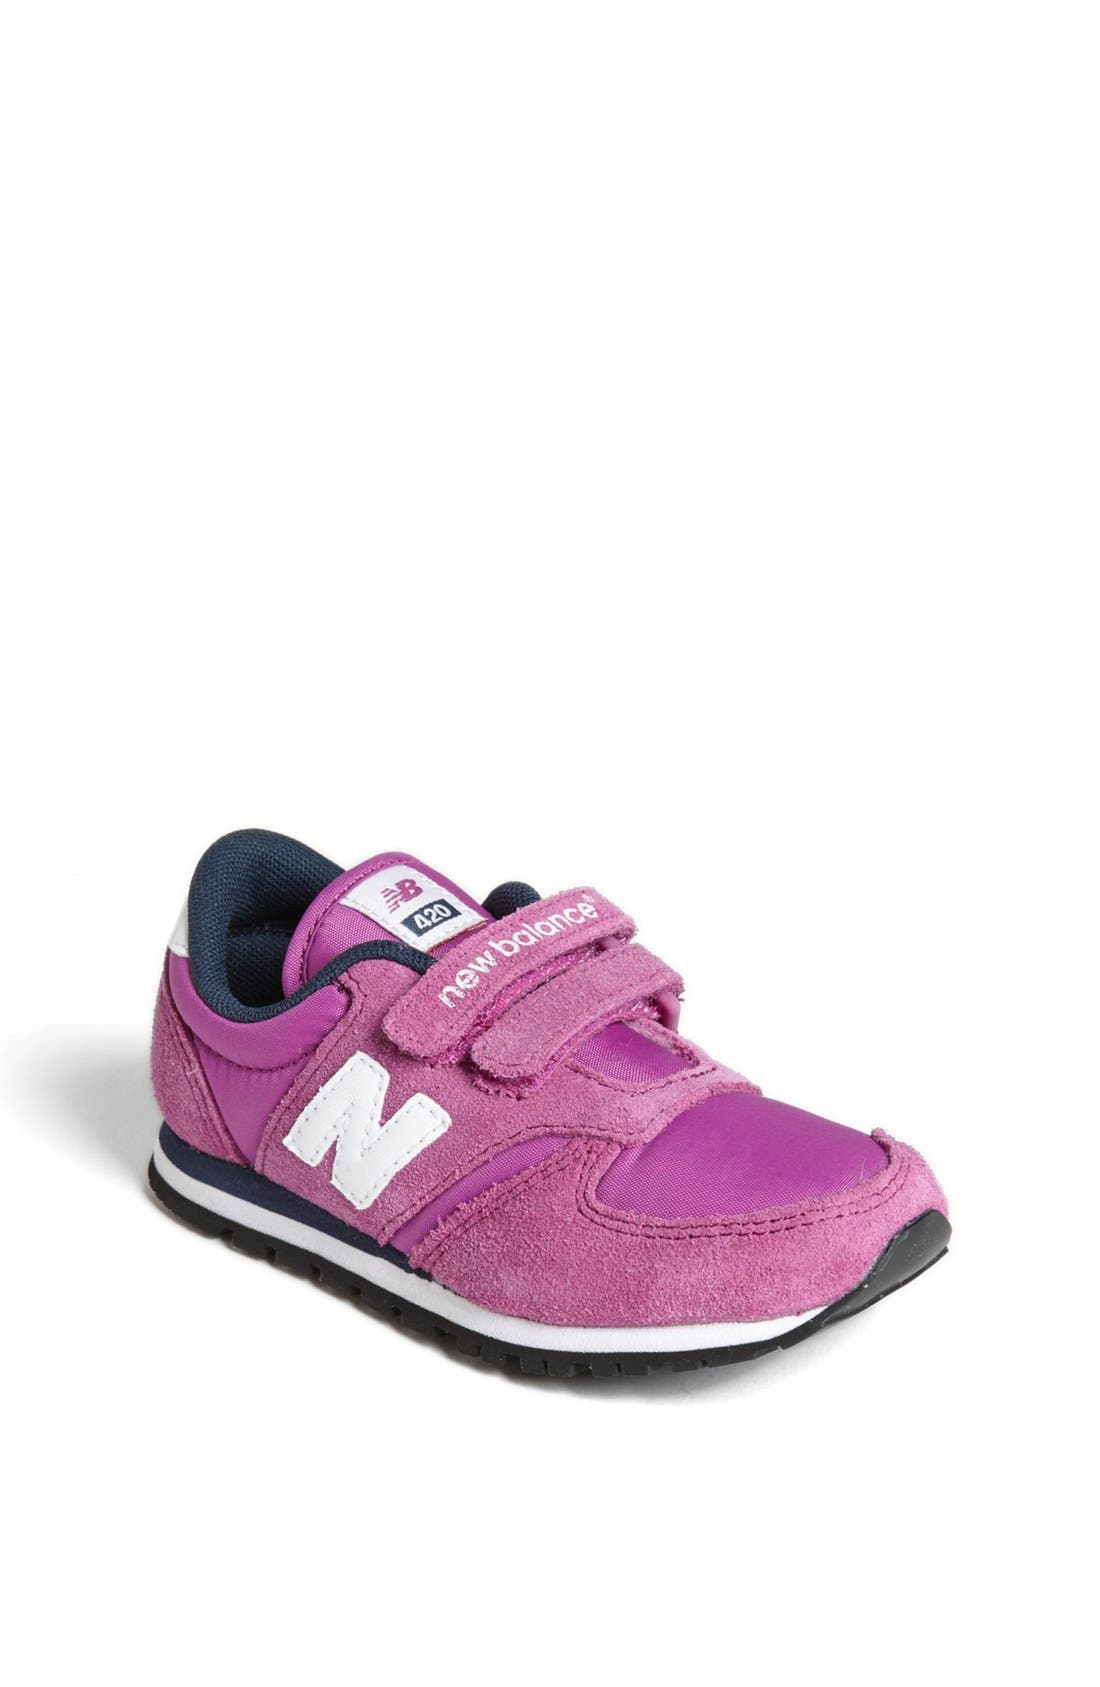 Main Image - New Balance '420 Take Down' Sneaker (Walker & Toddler)